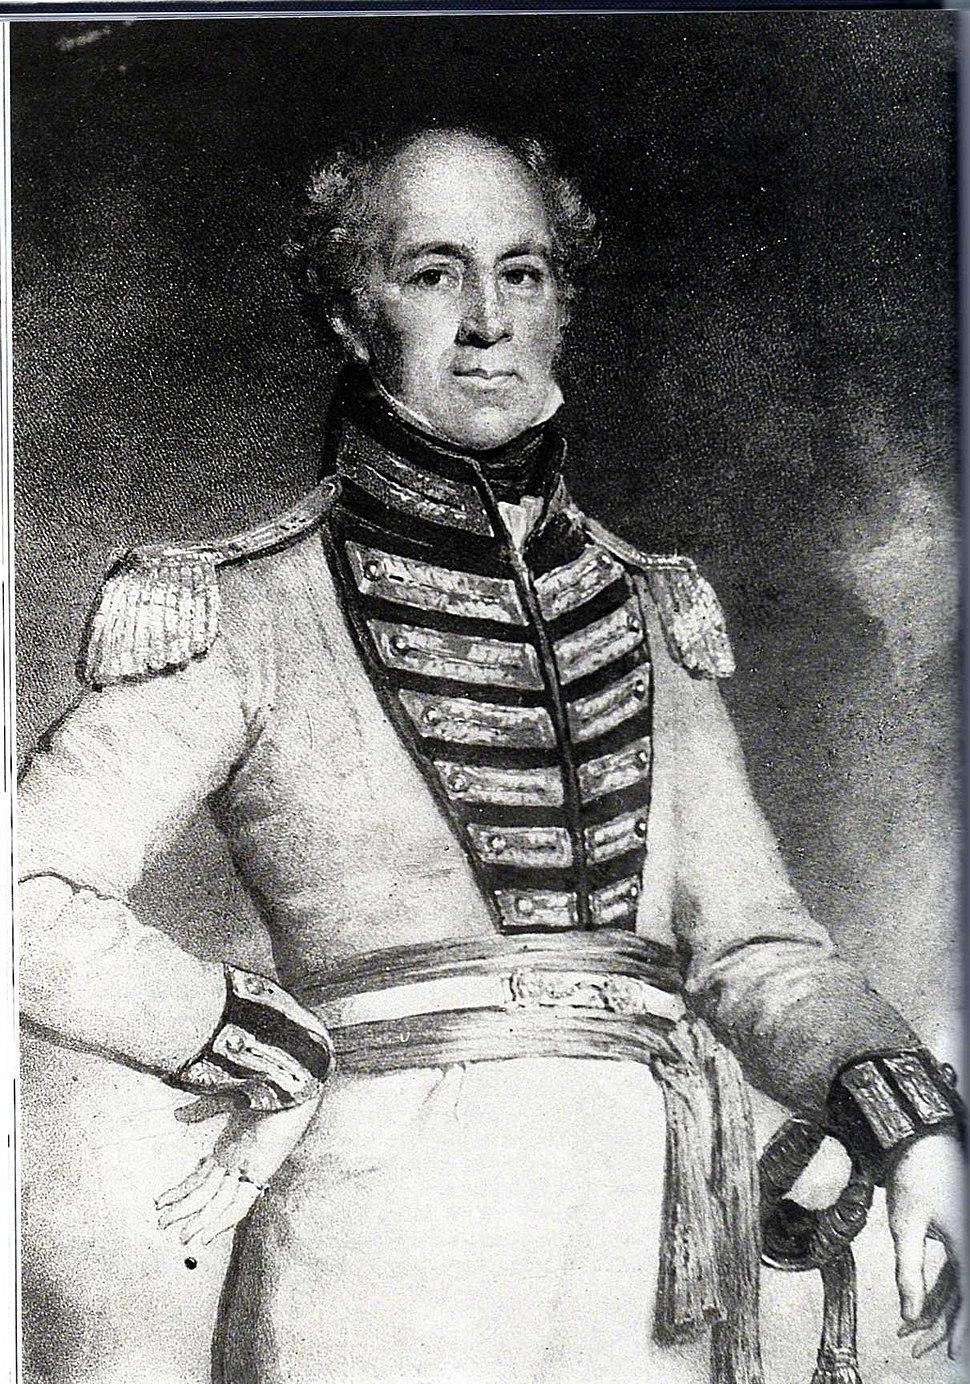 WilliamFarquhar